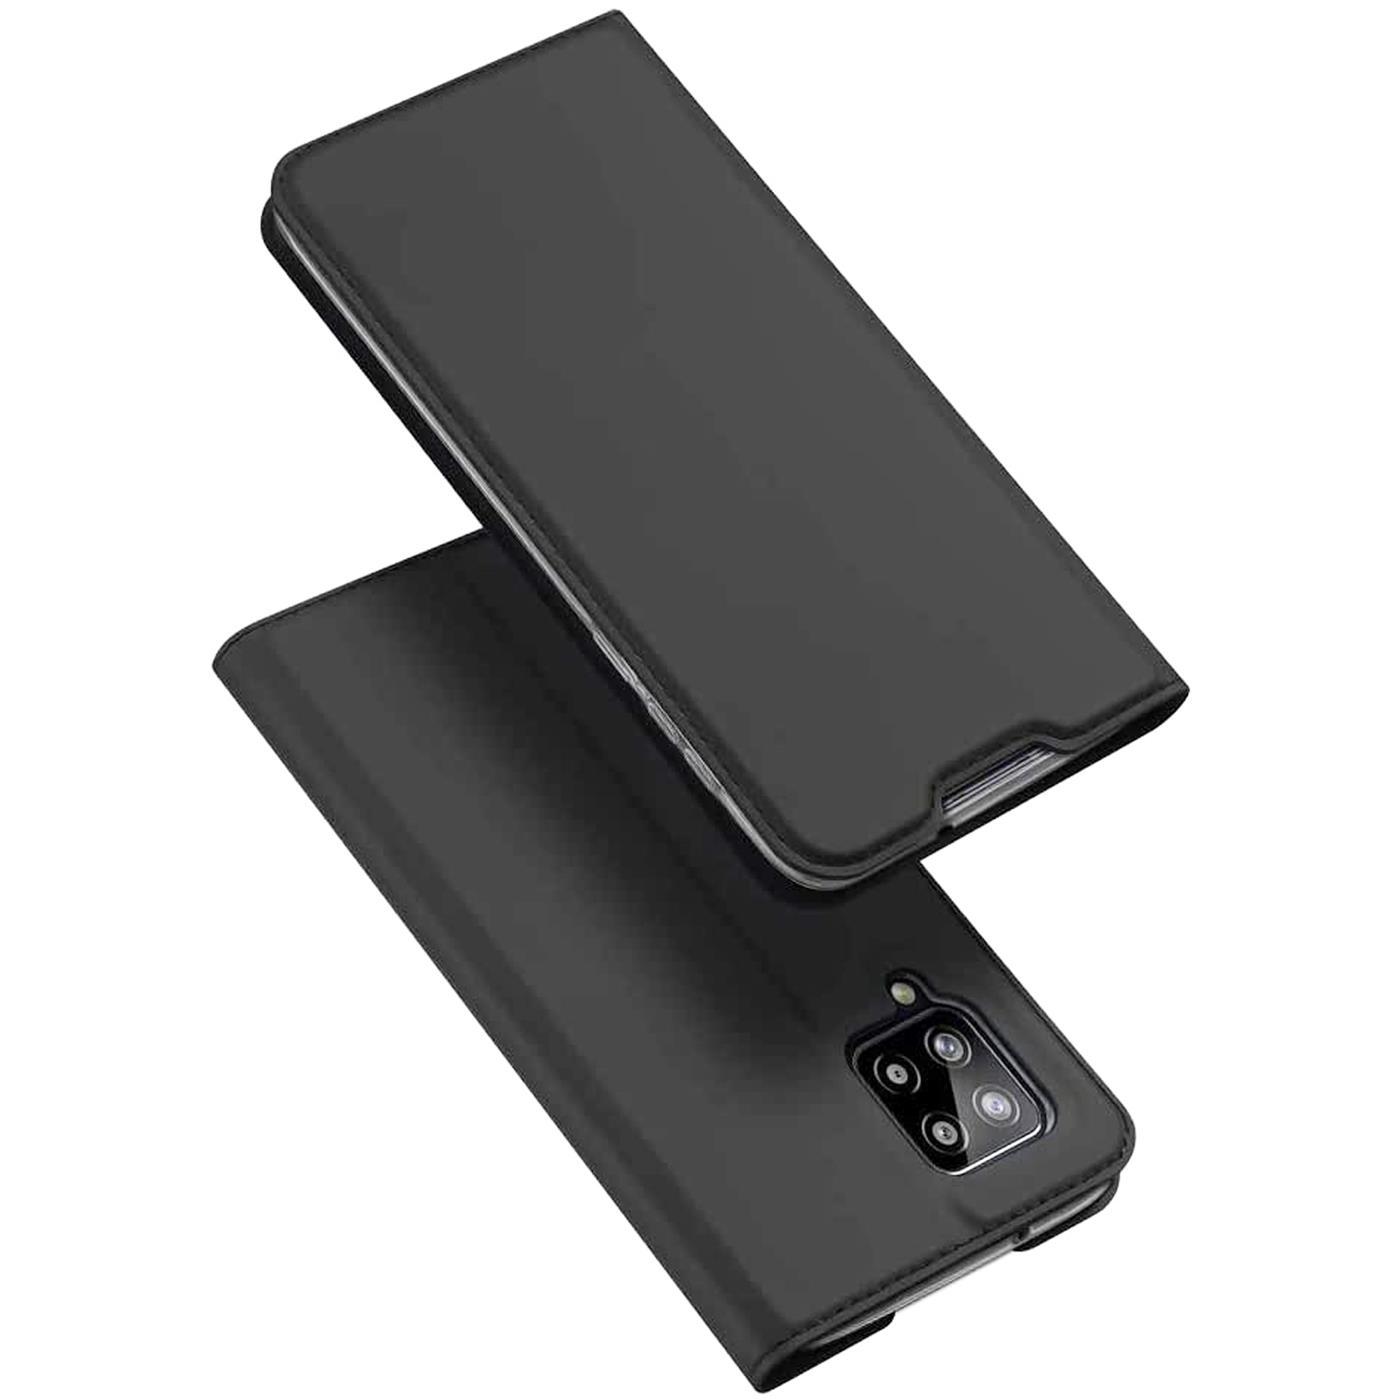 miniatura 9 - Funda de móvil para Samsung Galaxy a12 m12, funda protectora Book Funda protectora móvil cartera cover